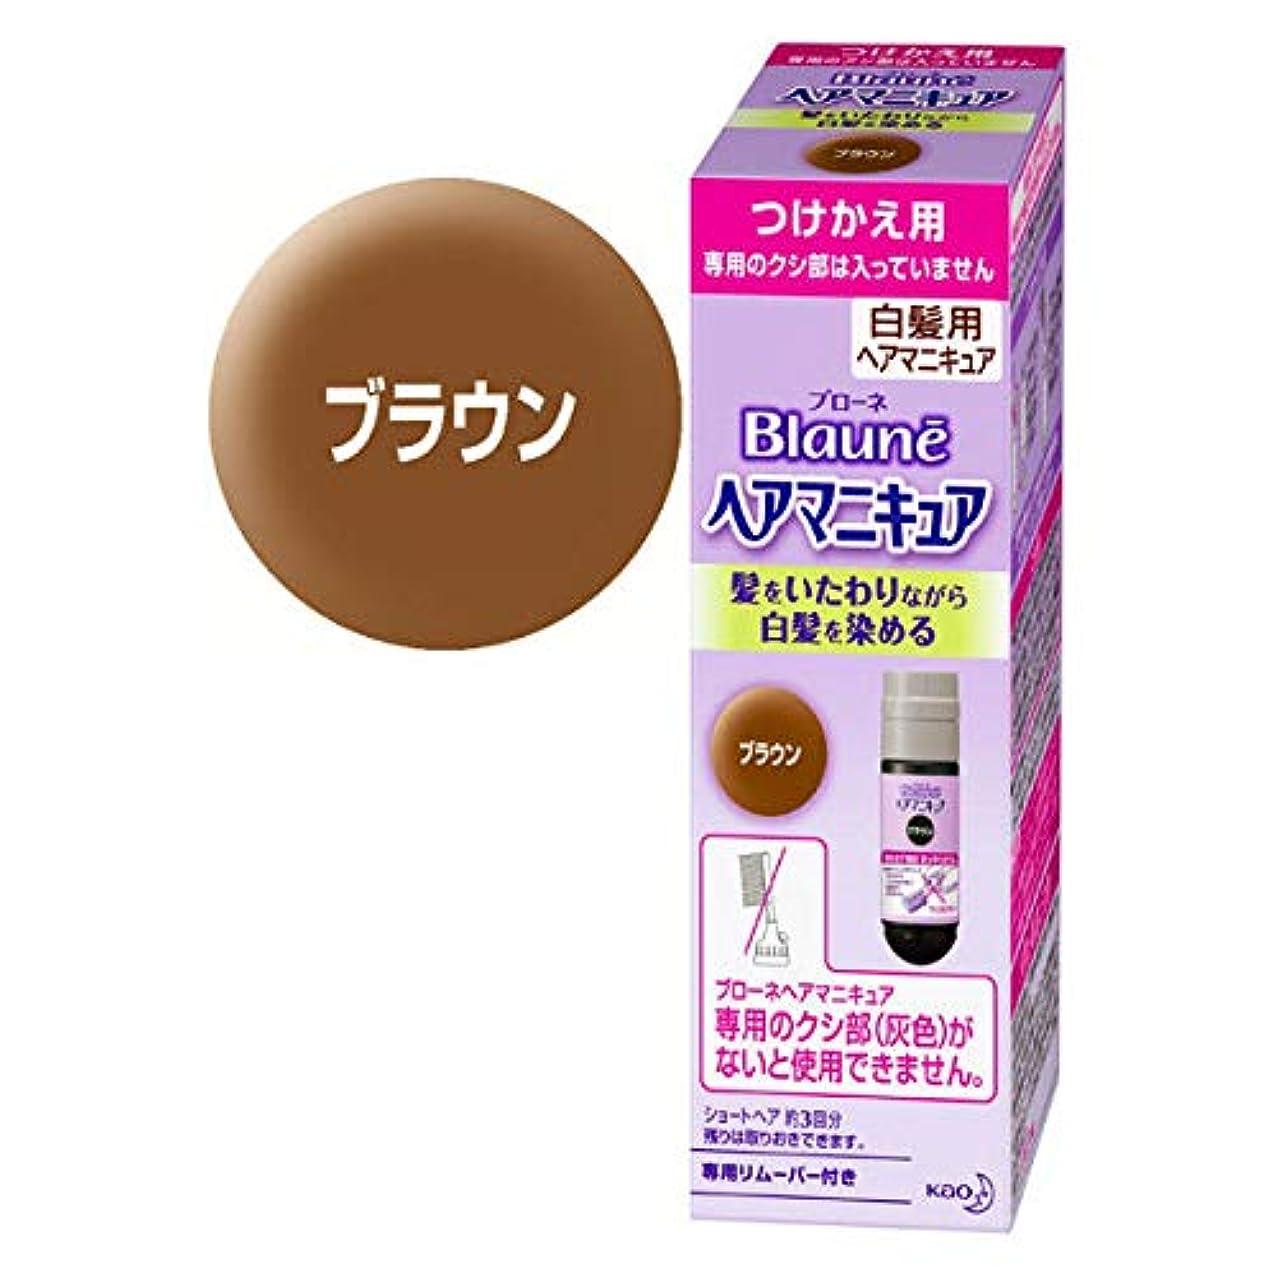 【花王】ブローネ ヘアマニキュア 白髪用つけかえ用ブラウン